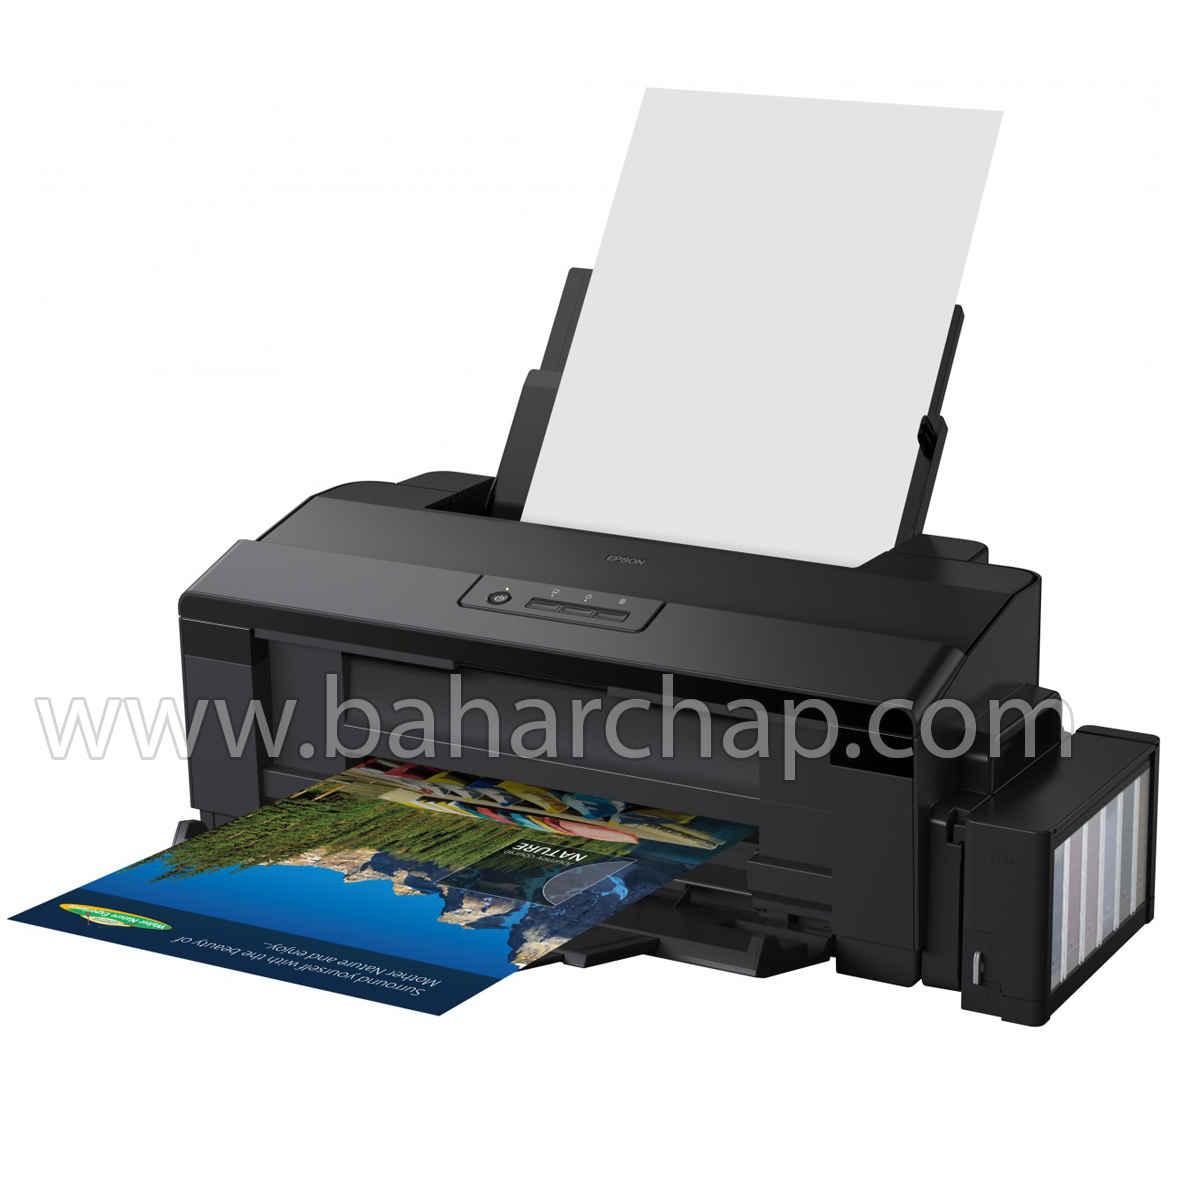 فروشگاه و خدمات اینترنتی بهارچاپ اصفهان-نرم افزار ریست پرینتر اپسون L1800-Epson Adjustment program  L1800